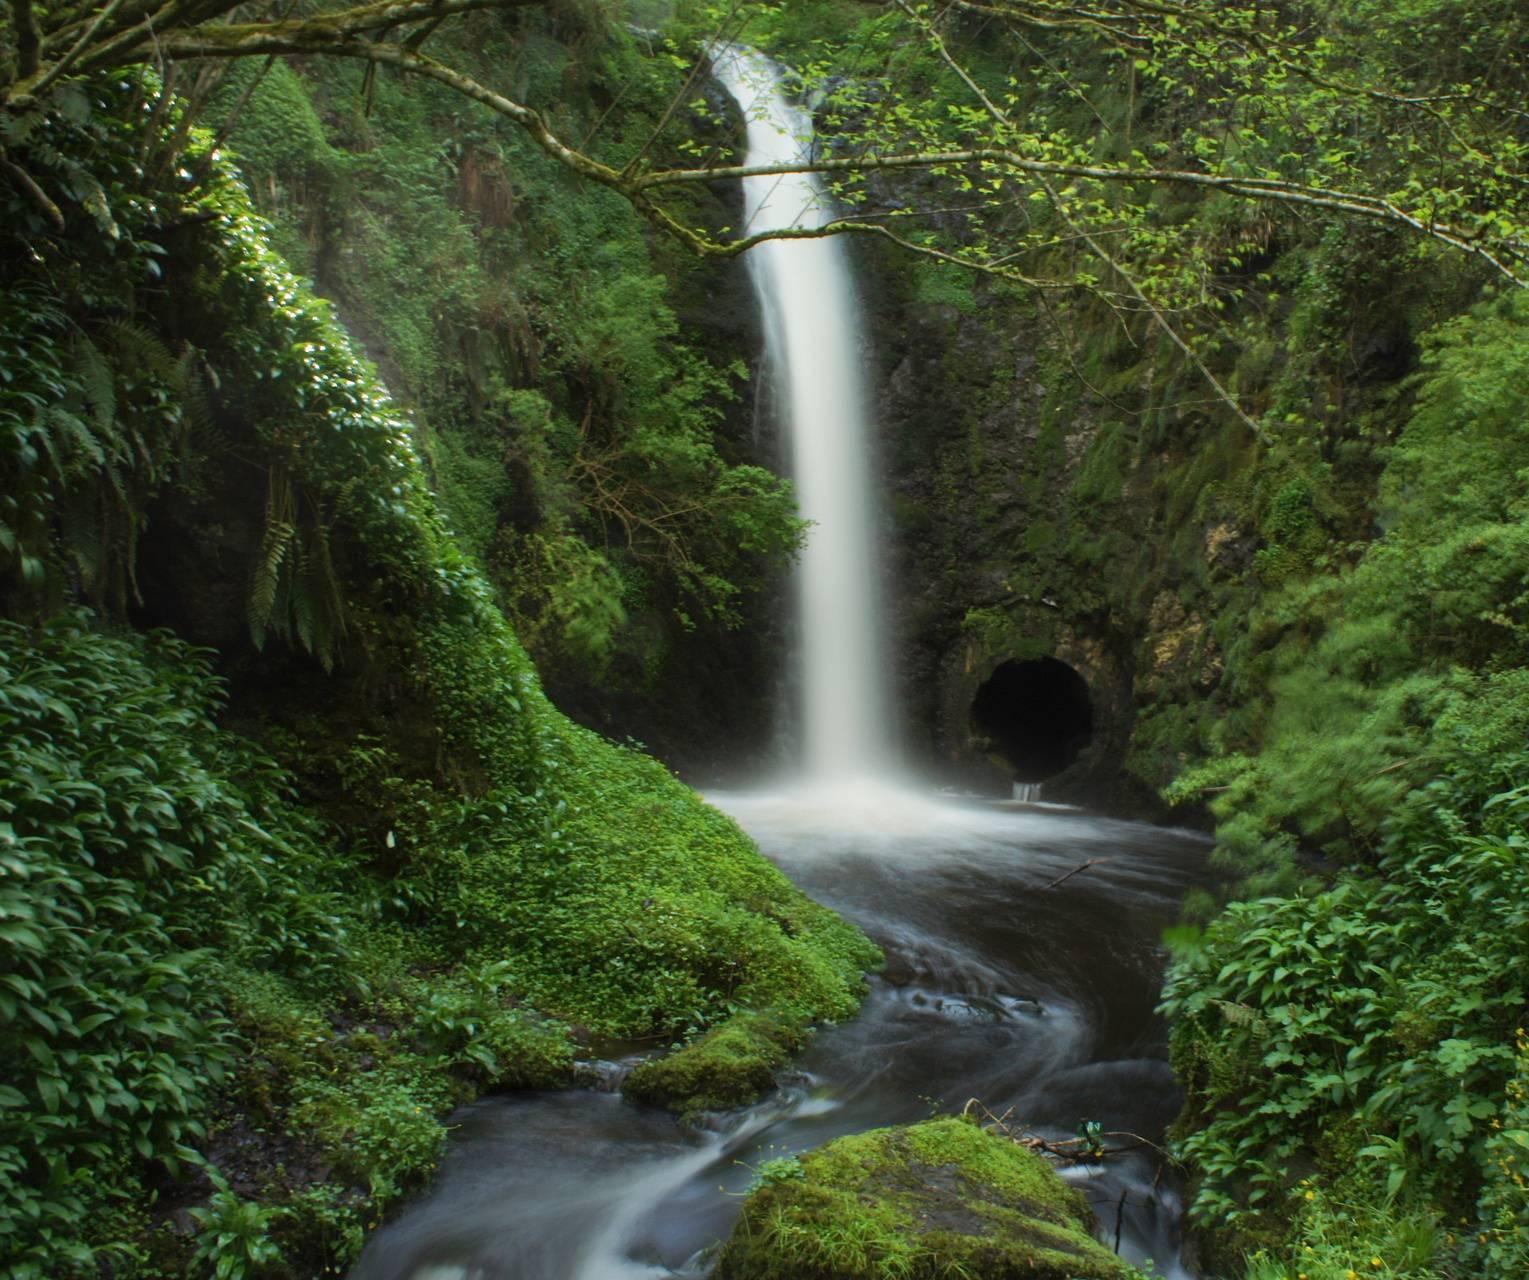 Woodburn Waterfall